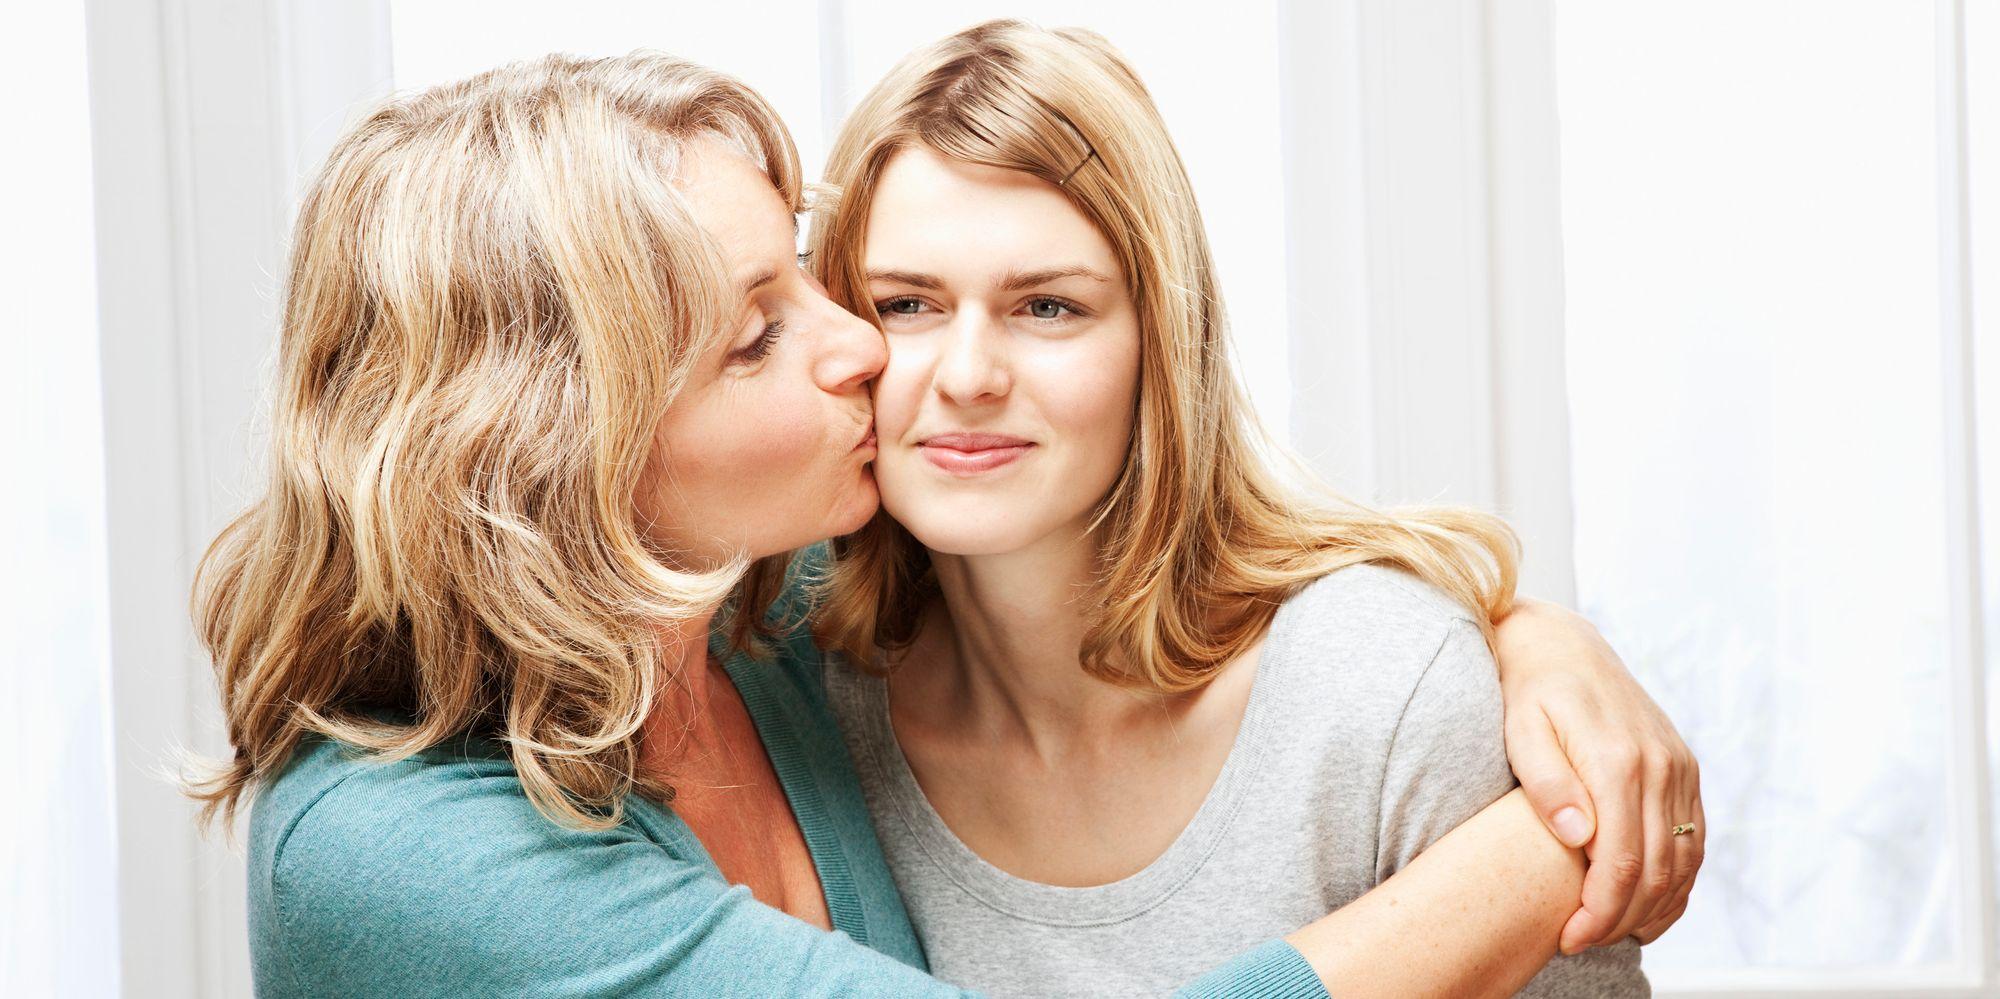 Соблазны матерей с сыновьями и братья с сёстрами смотреть порно безплатно 4 фотография